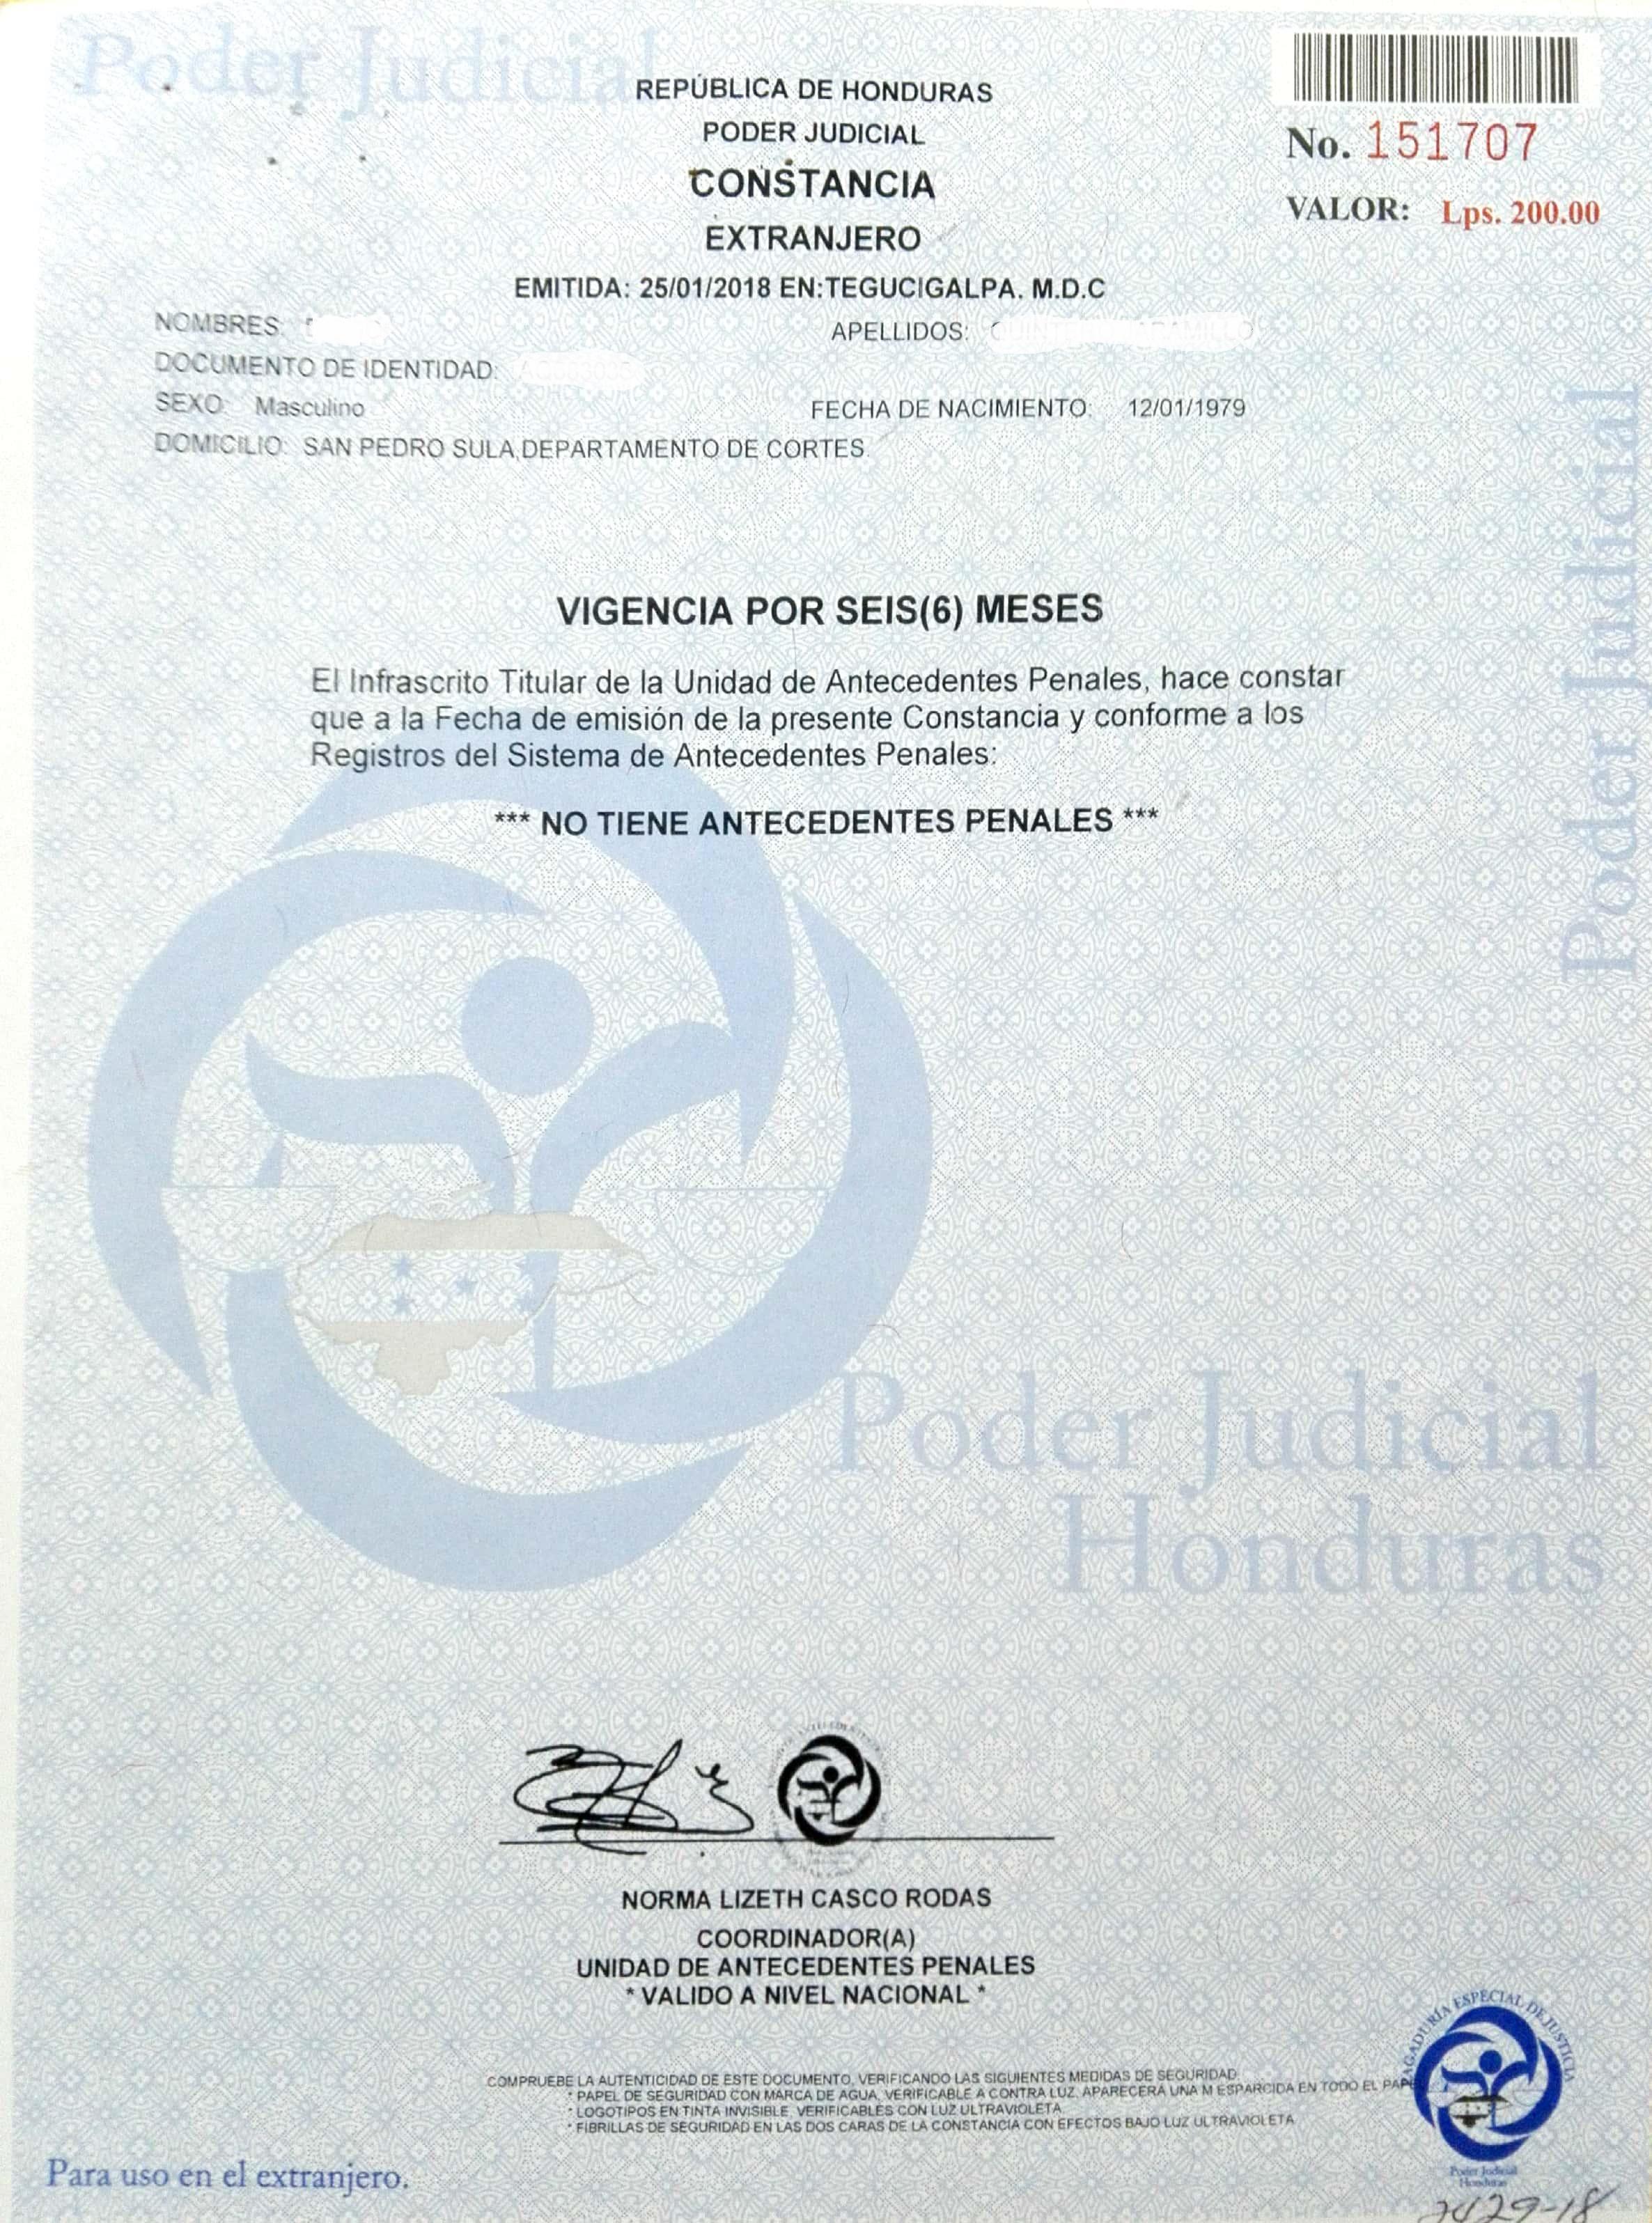 Obtener la Constancia de Antecedentes Penales en Honduras para uso ...